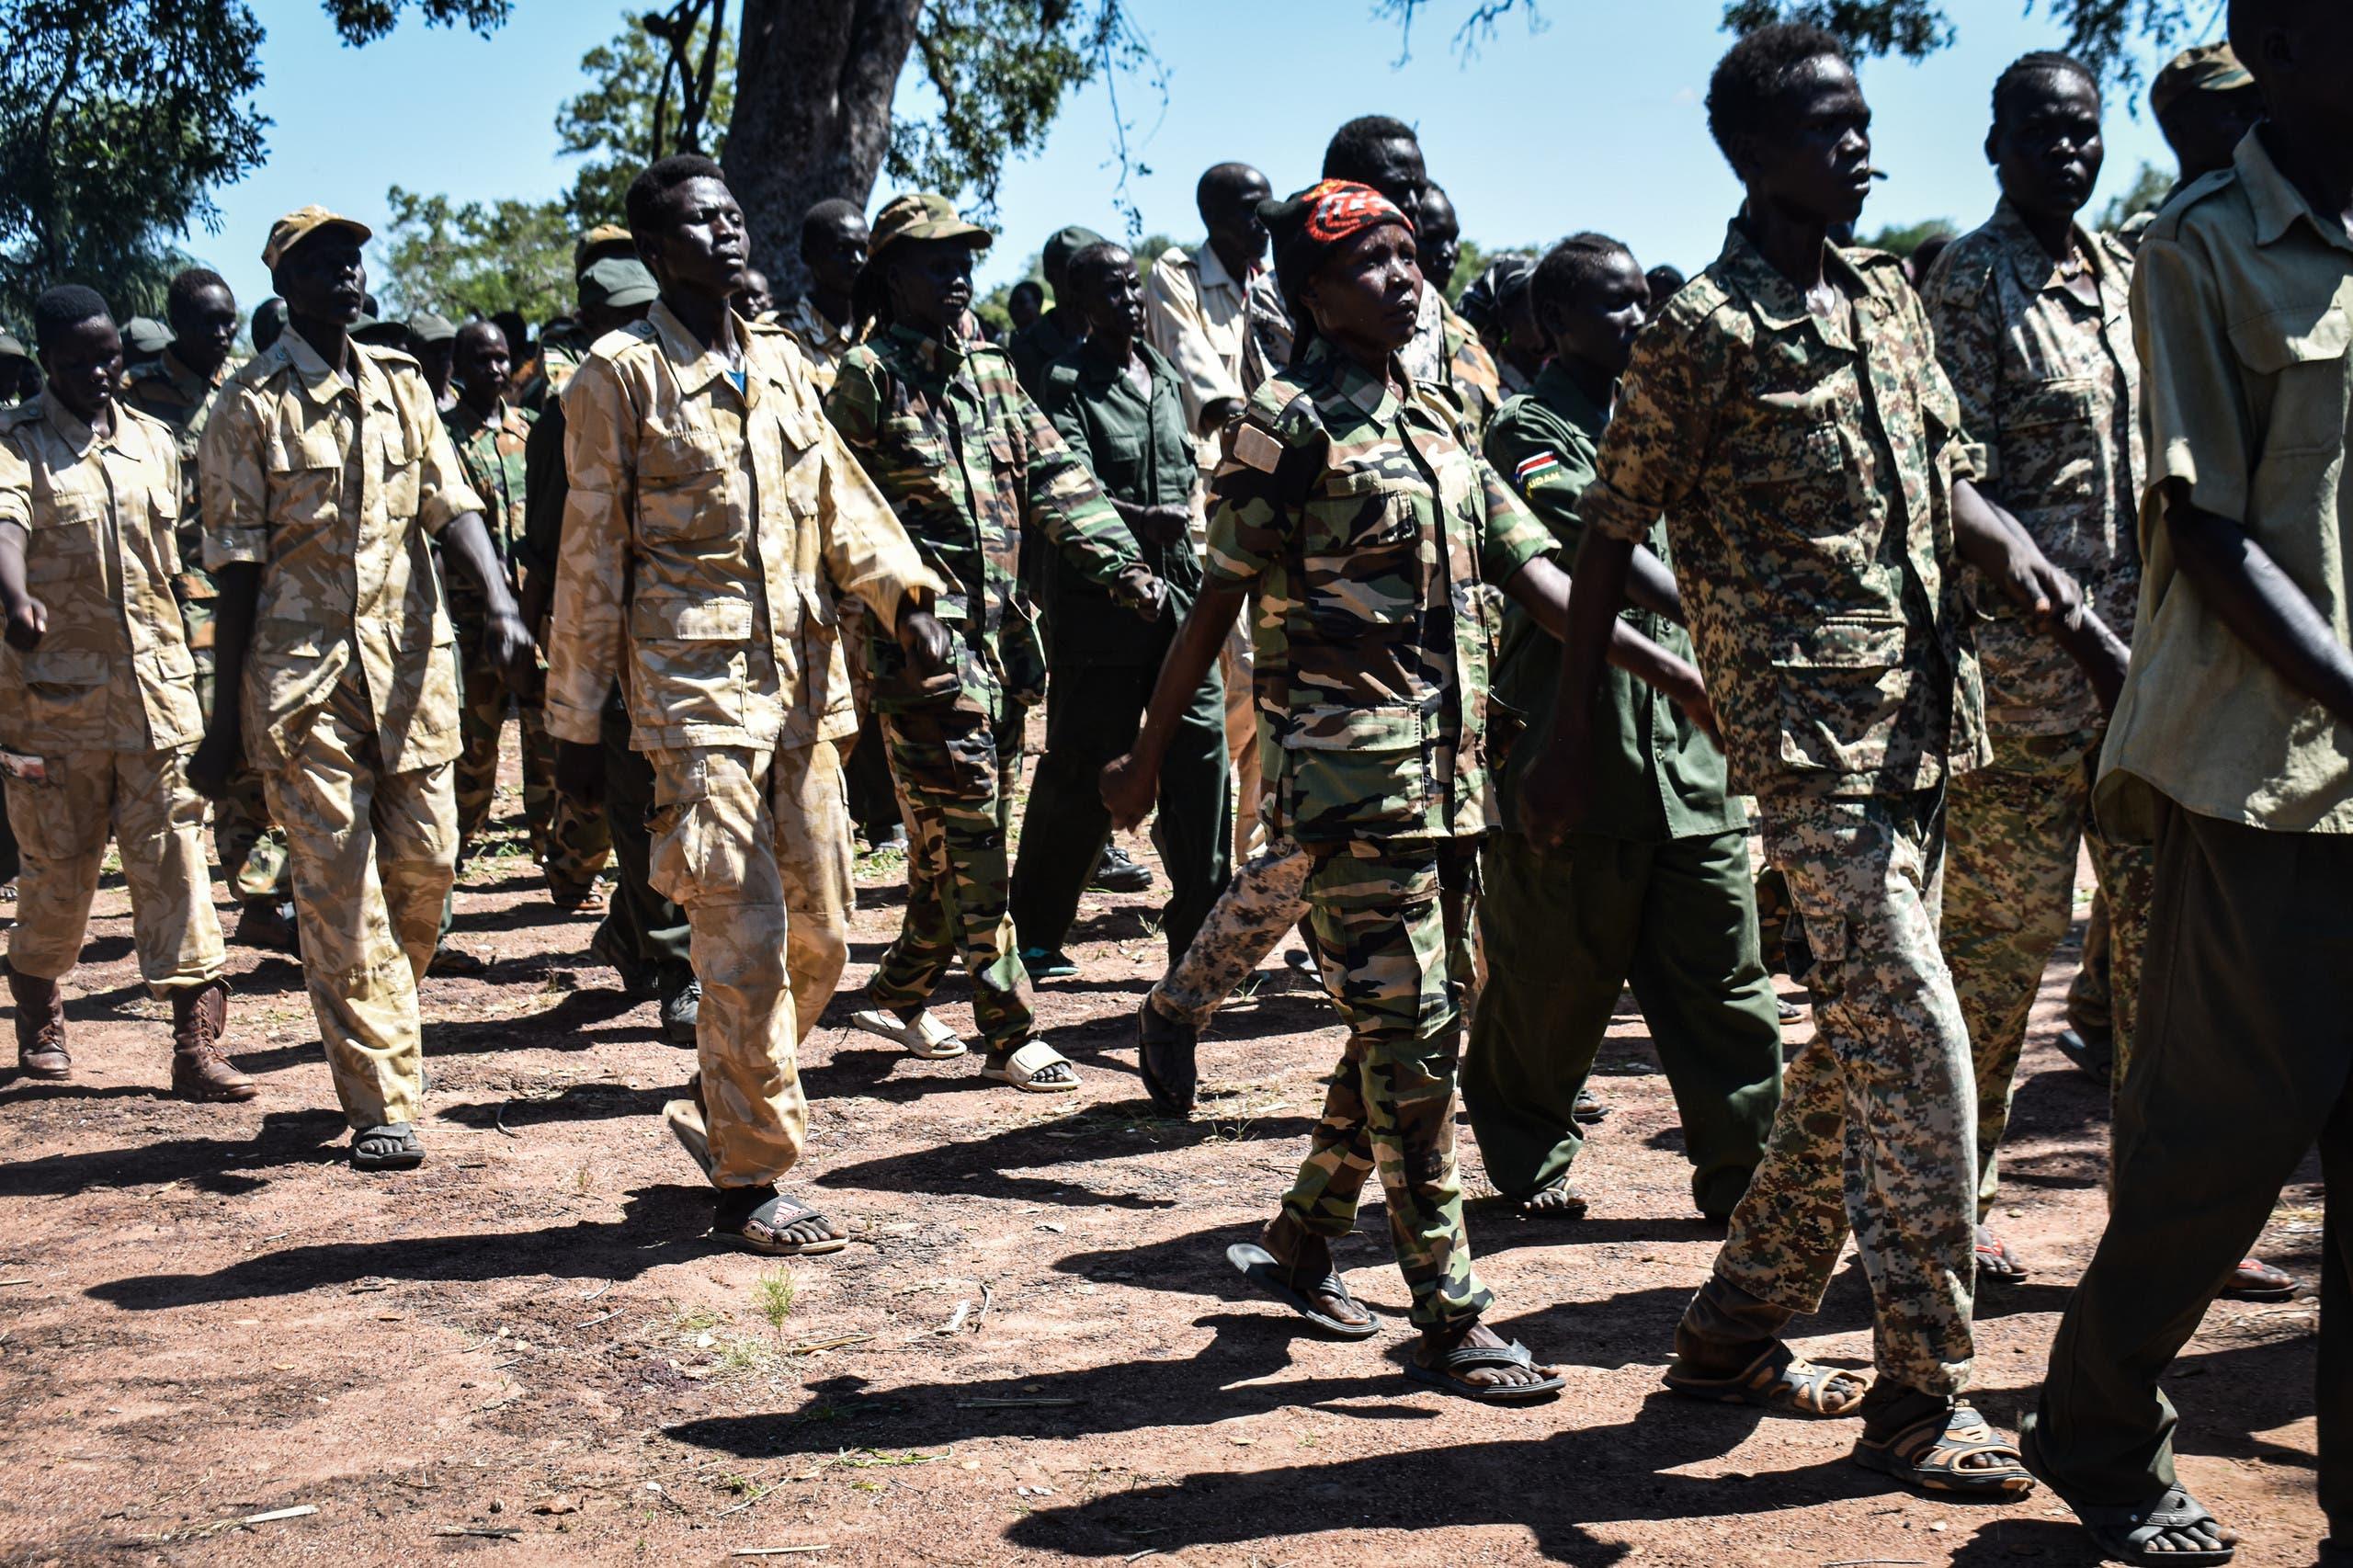 مقاتلون من جبهة الإنقاذ الوطني (أرشيفية)